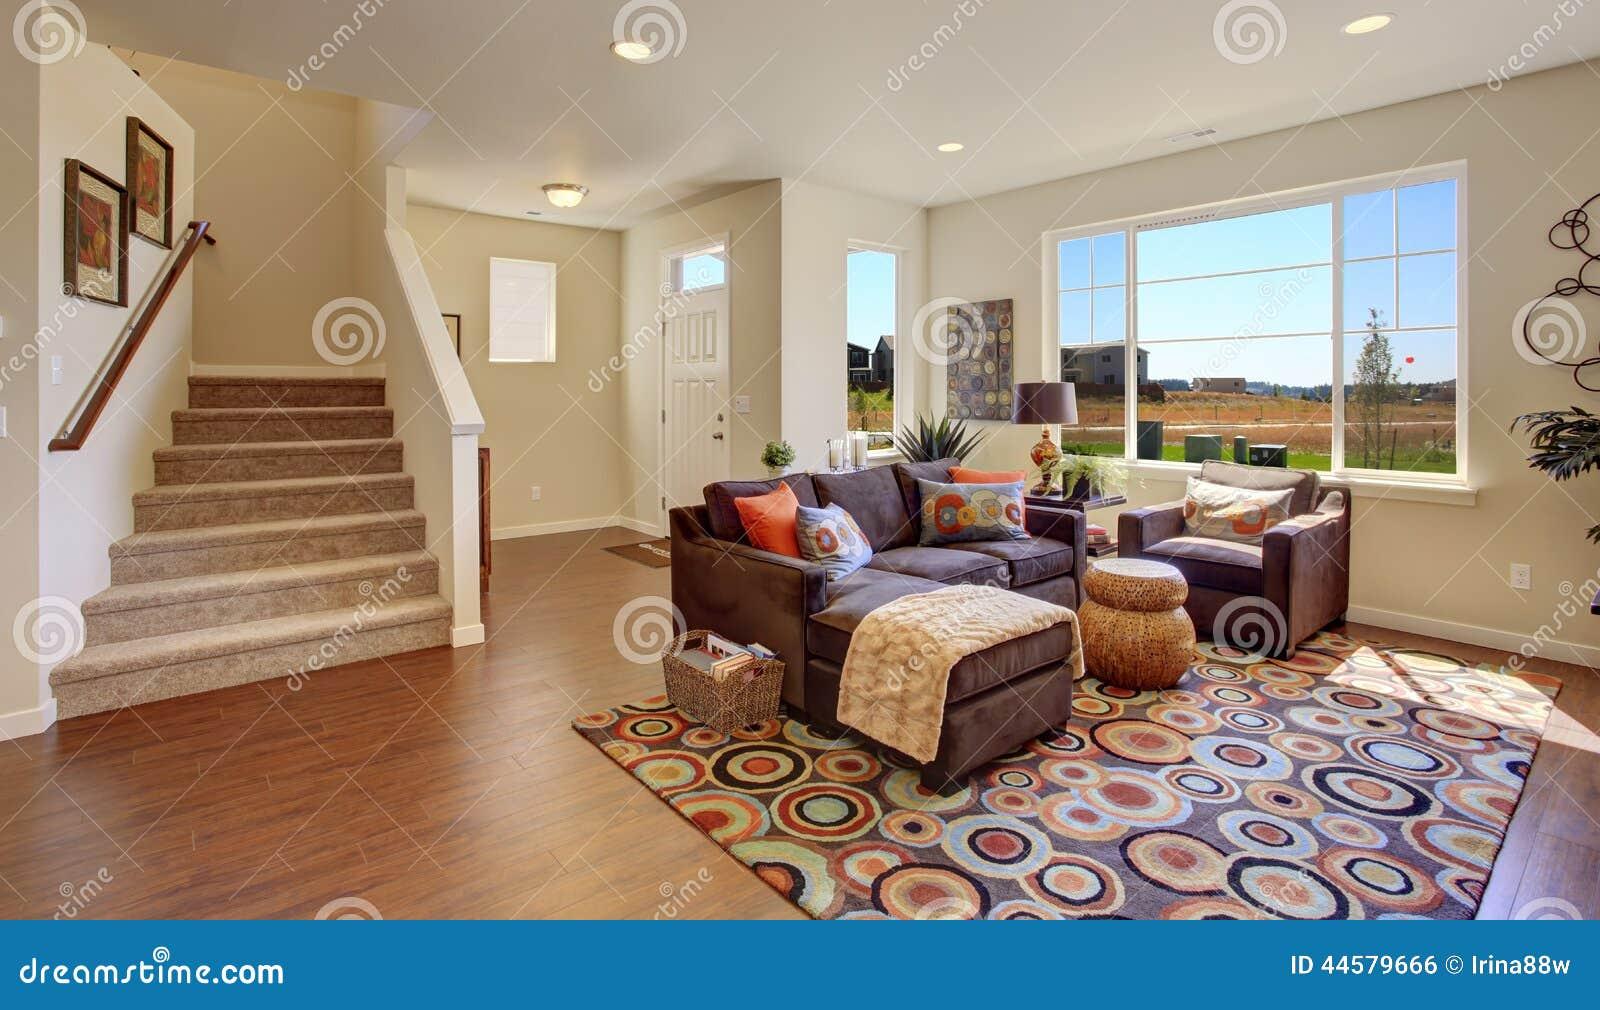 Wohnzimmer Mit Brauner Couch Und Netter Wolldecke Stockfoto Bild